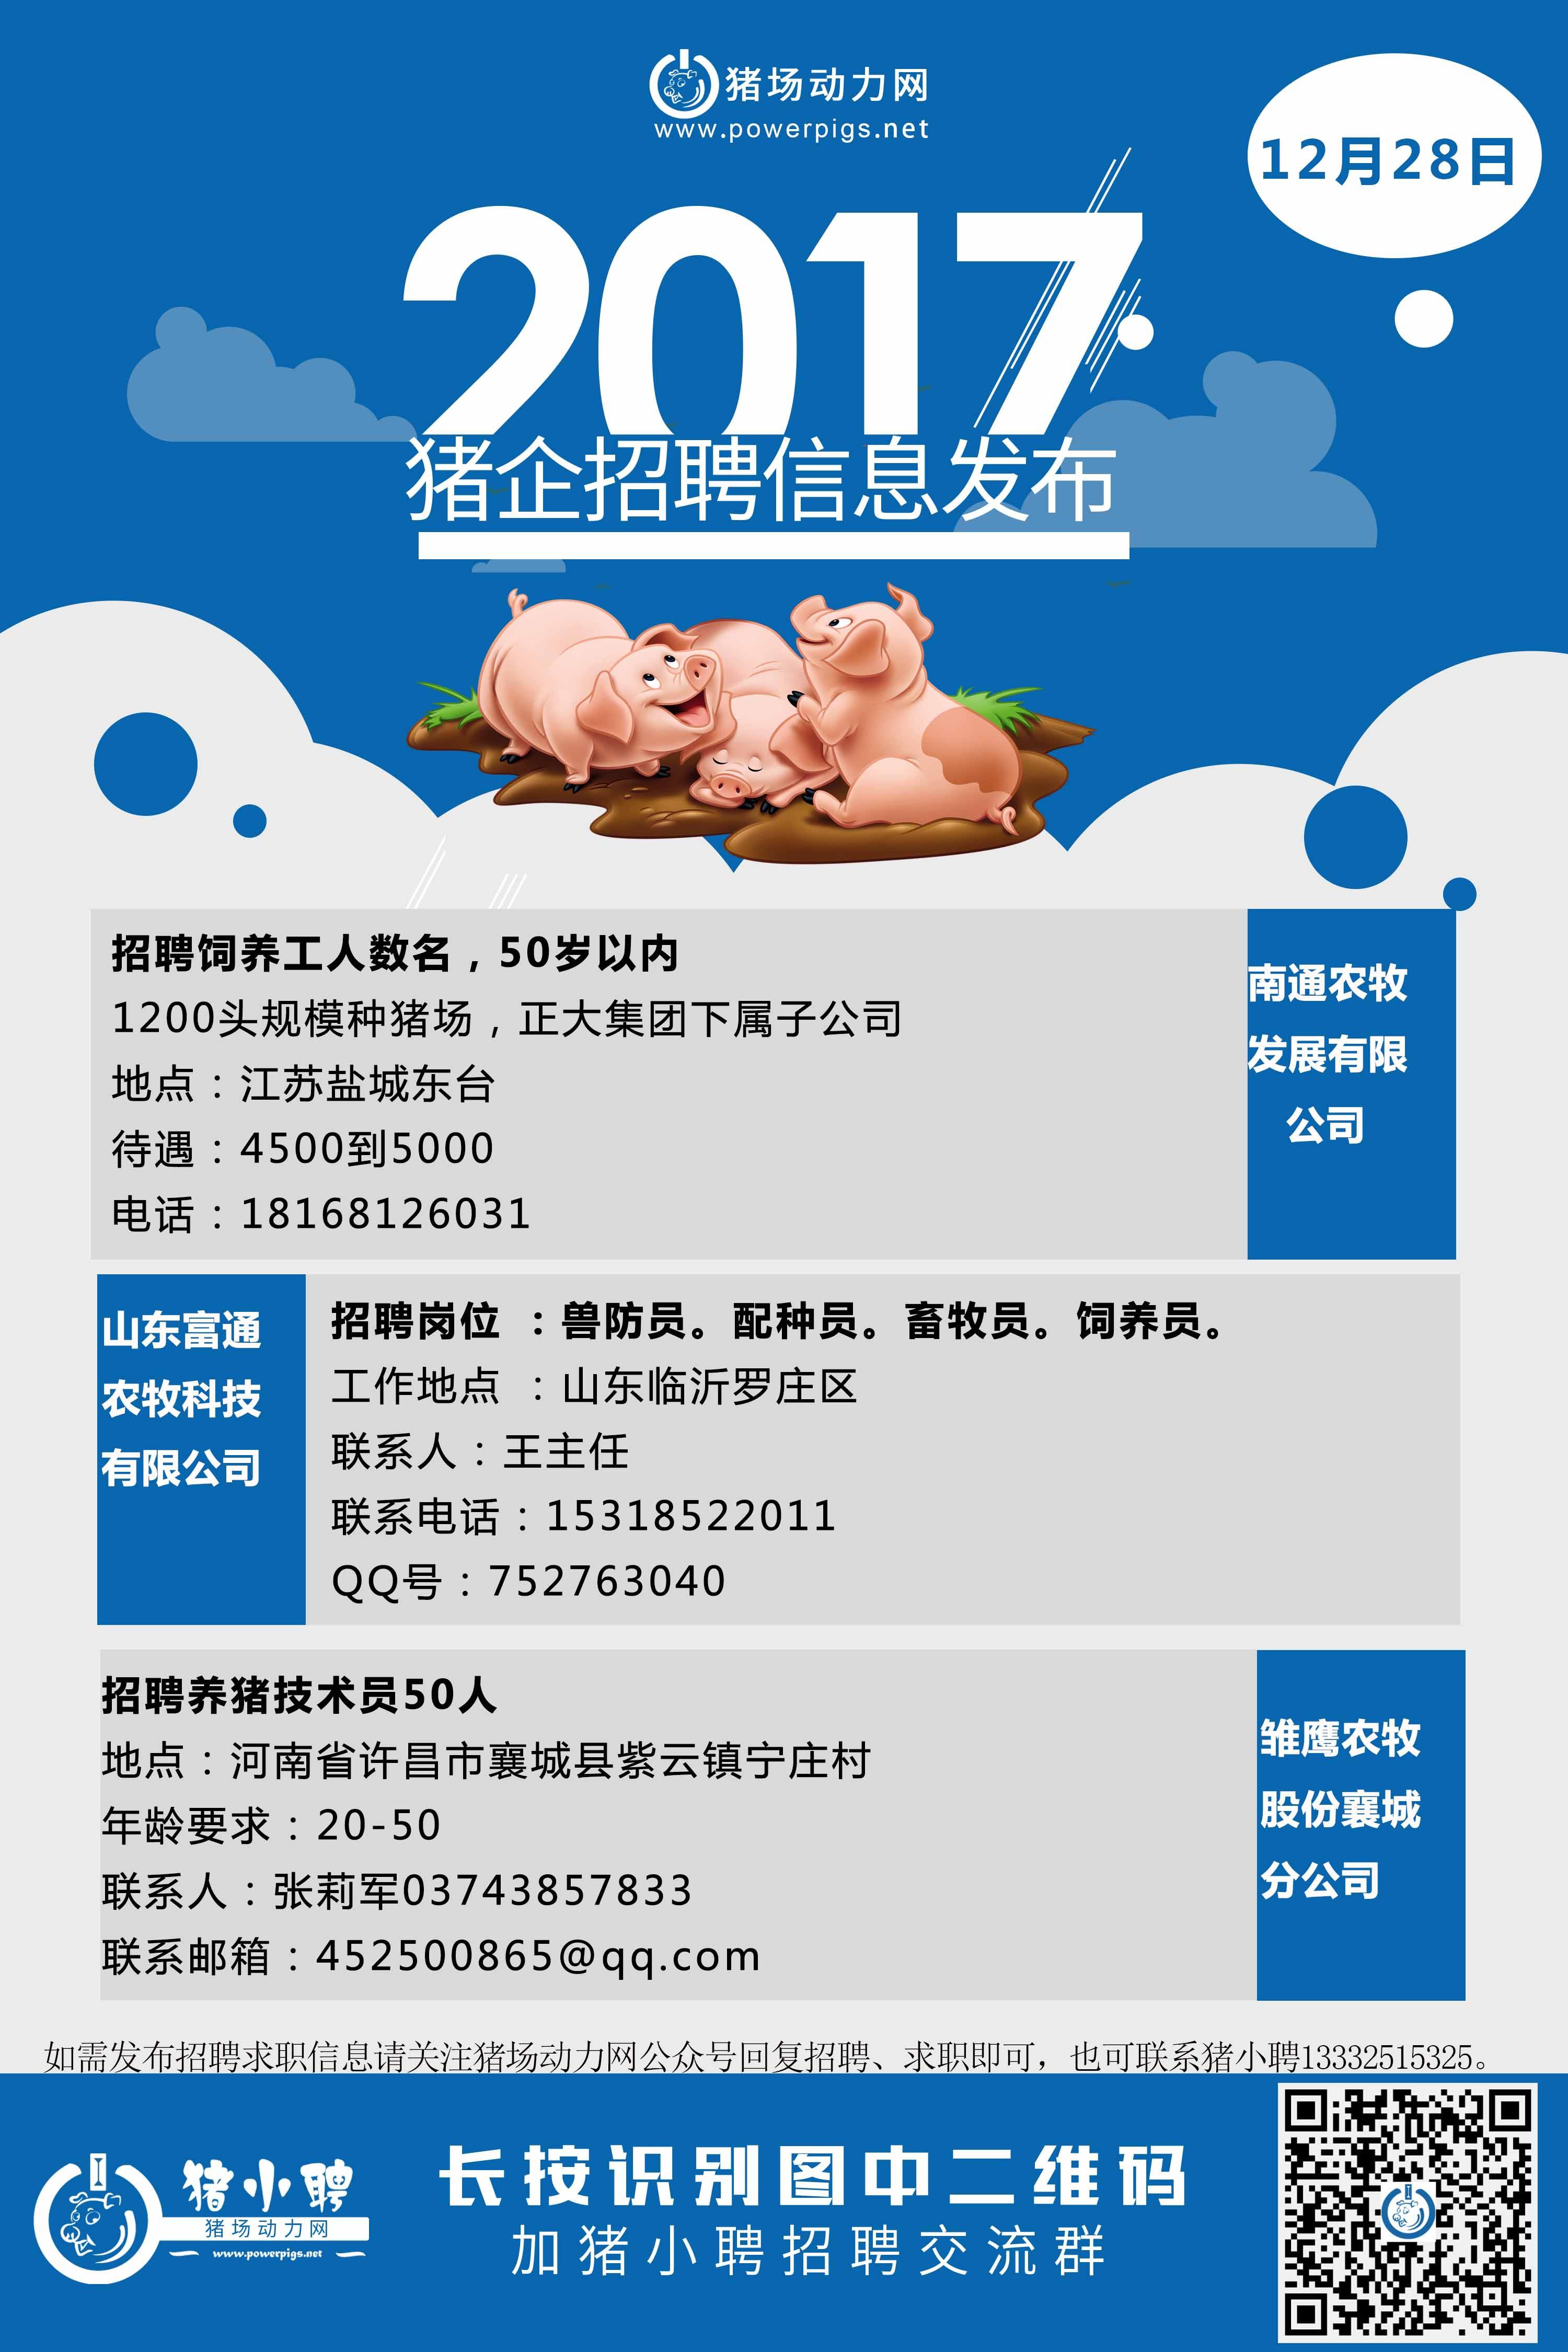 12.28日猪场招聘.jpg